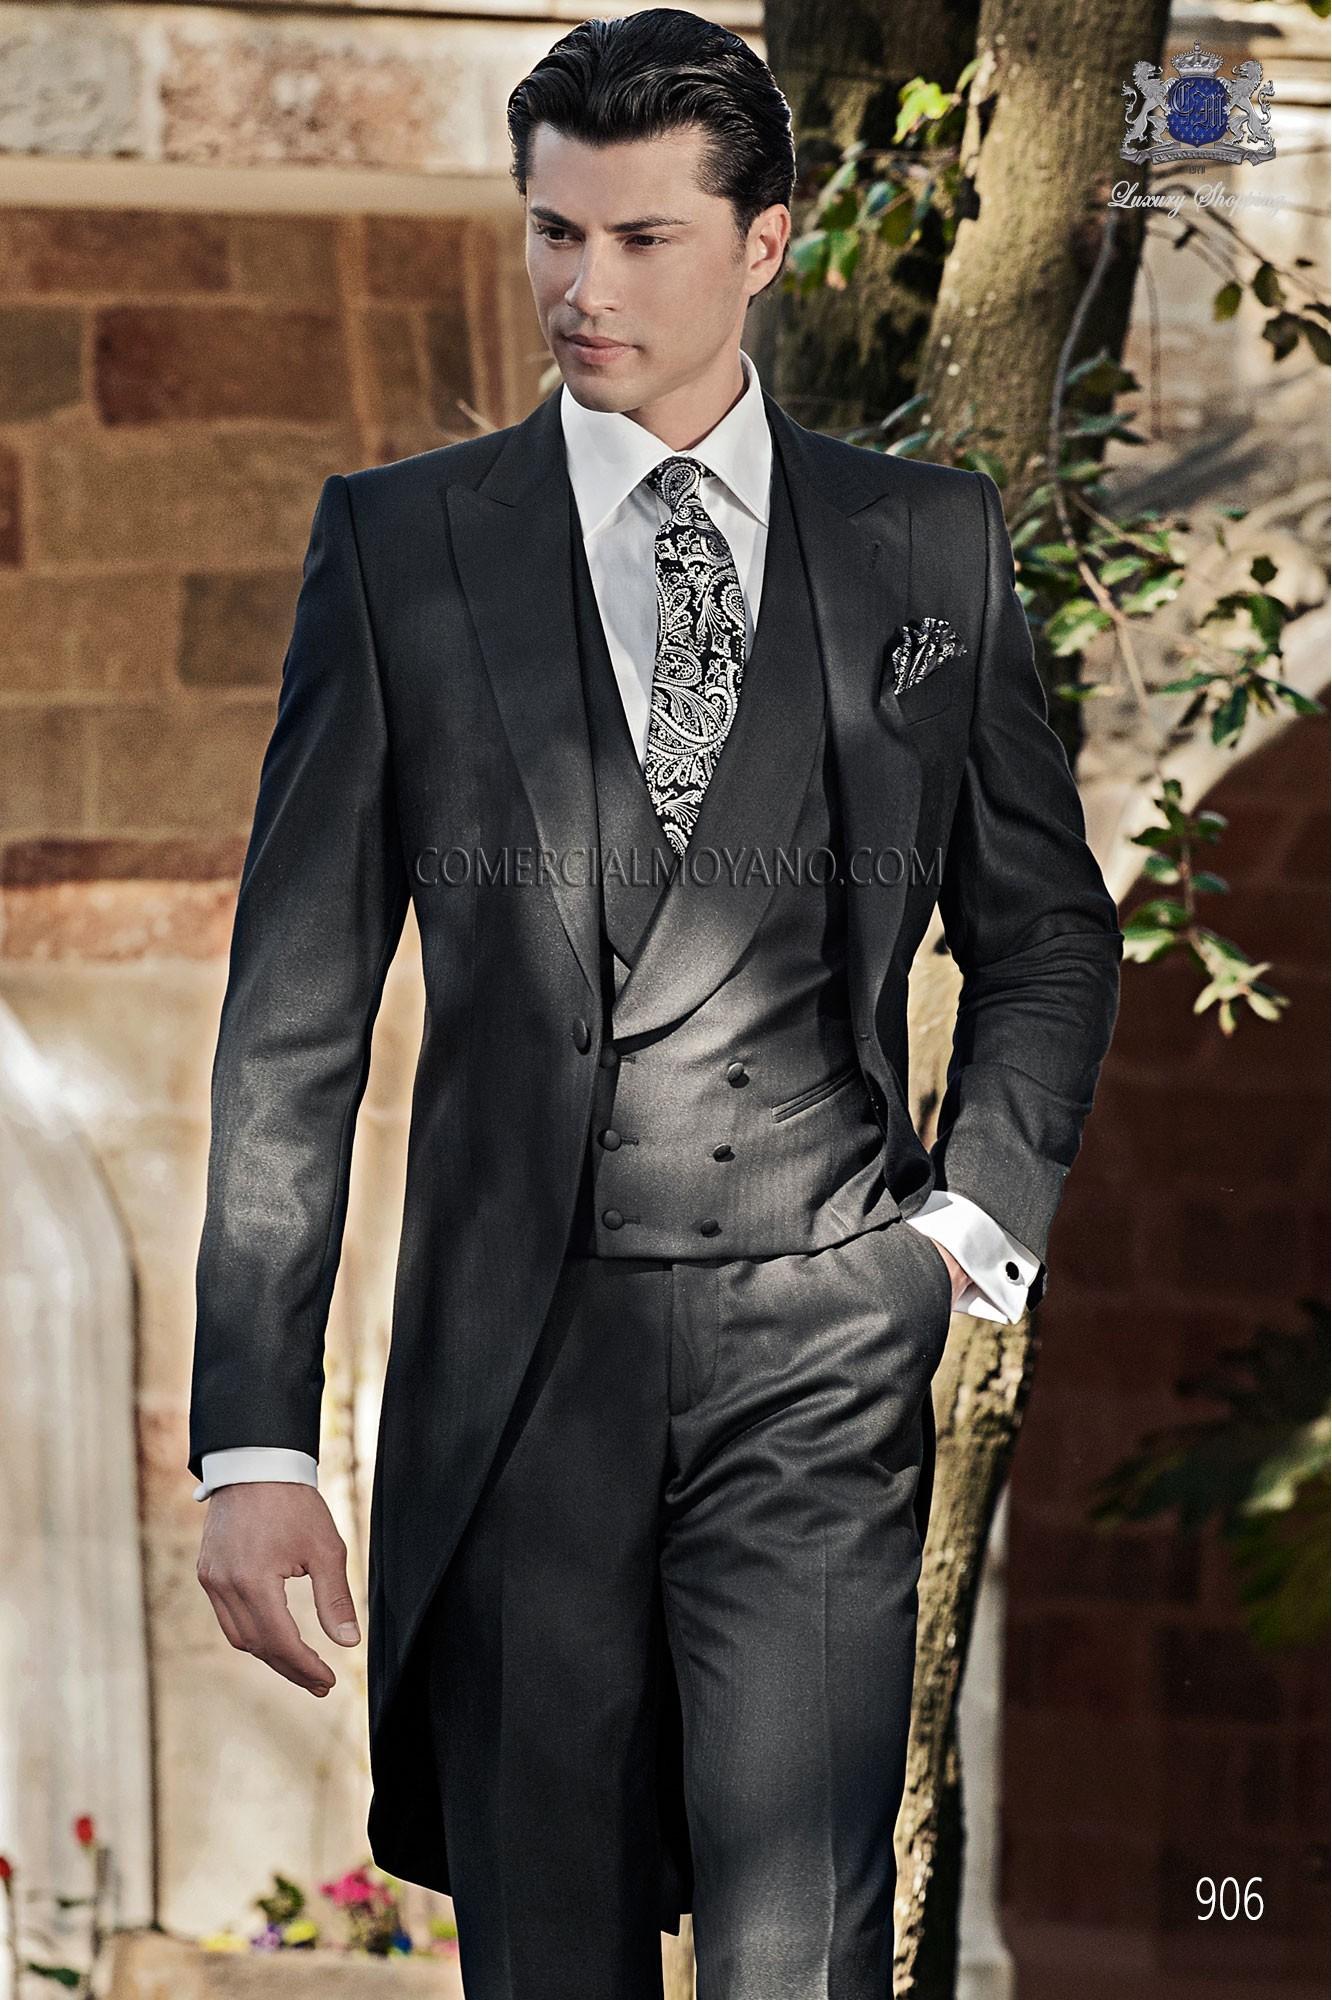 Traje de novio italiano negro modelo: 906 Ottavio Nuccio Gala colección Gentleman